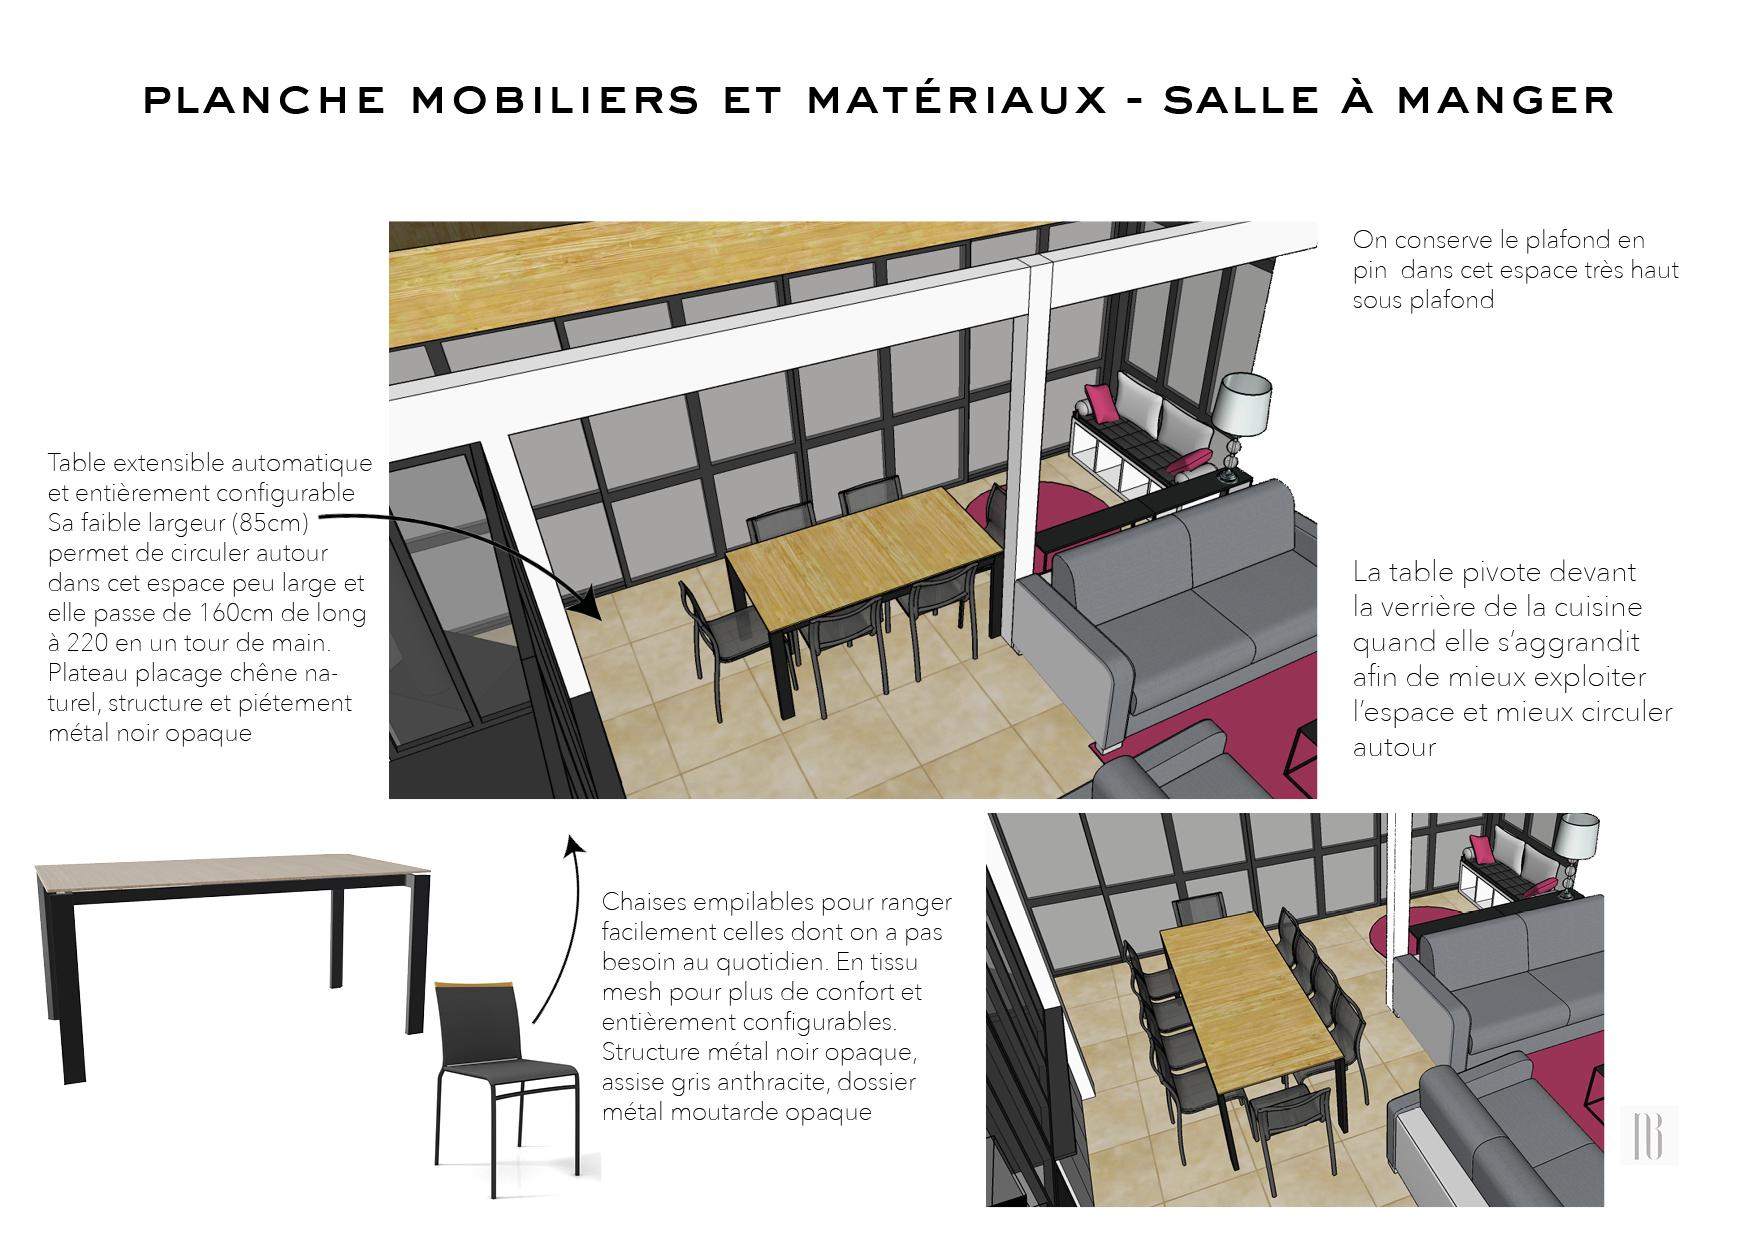 Nathalie Bossard décoration architecture intérieur Rennes 35 UFDI-390 Book déco maison individuelle bretagne sud 2019 planche mobilier et matériaux salle à manger